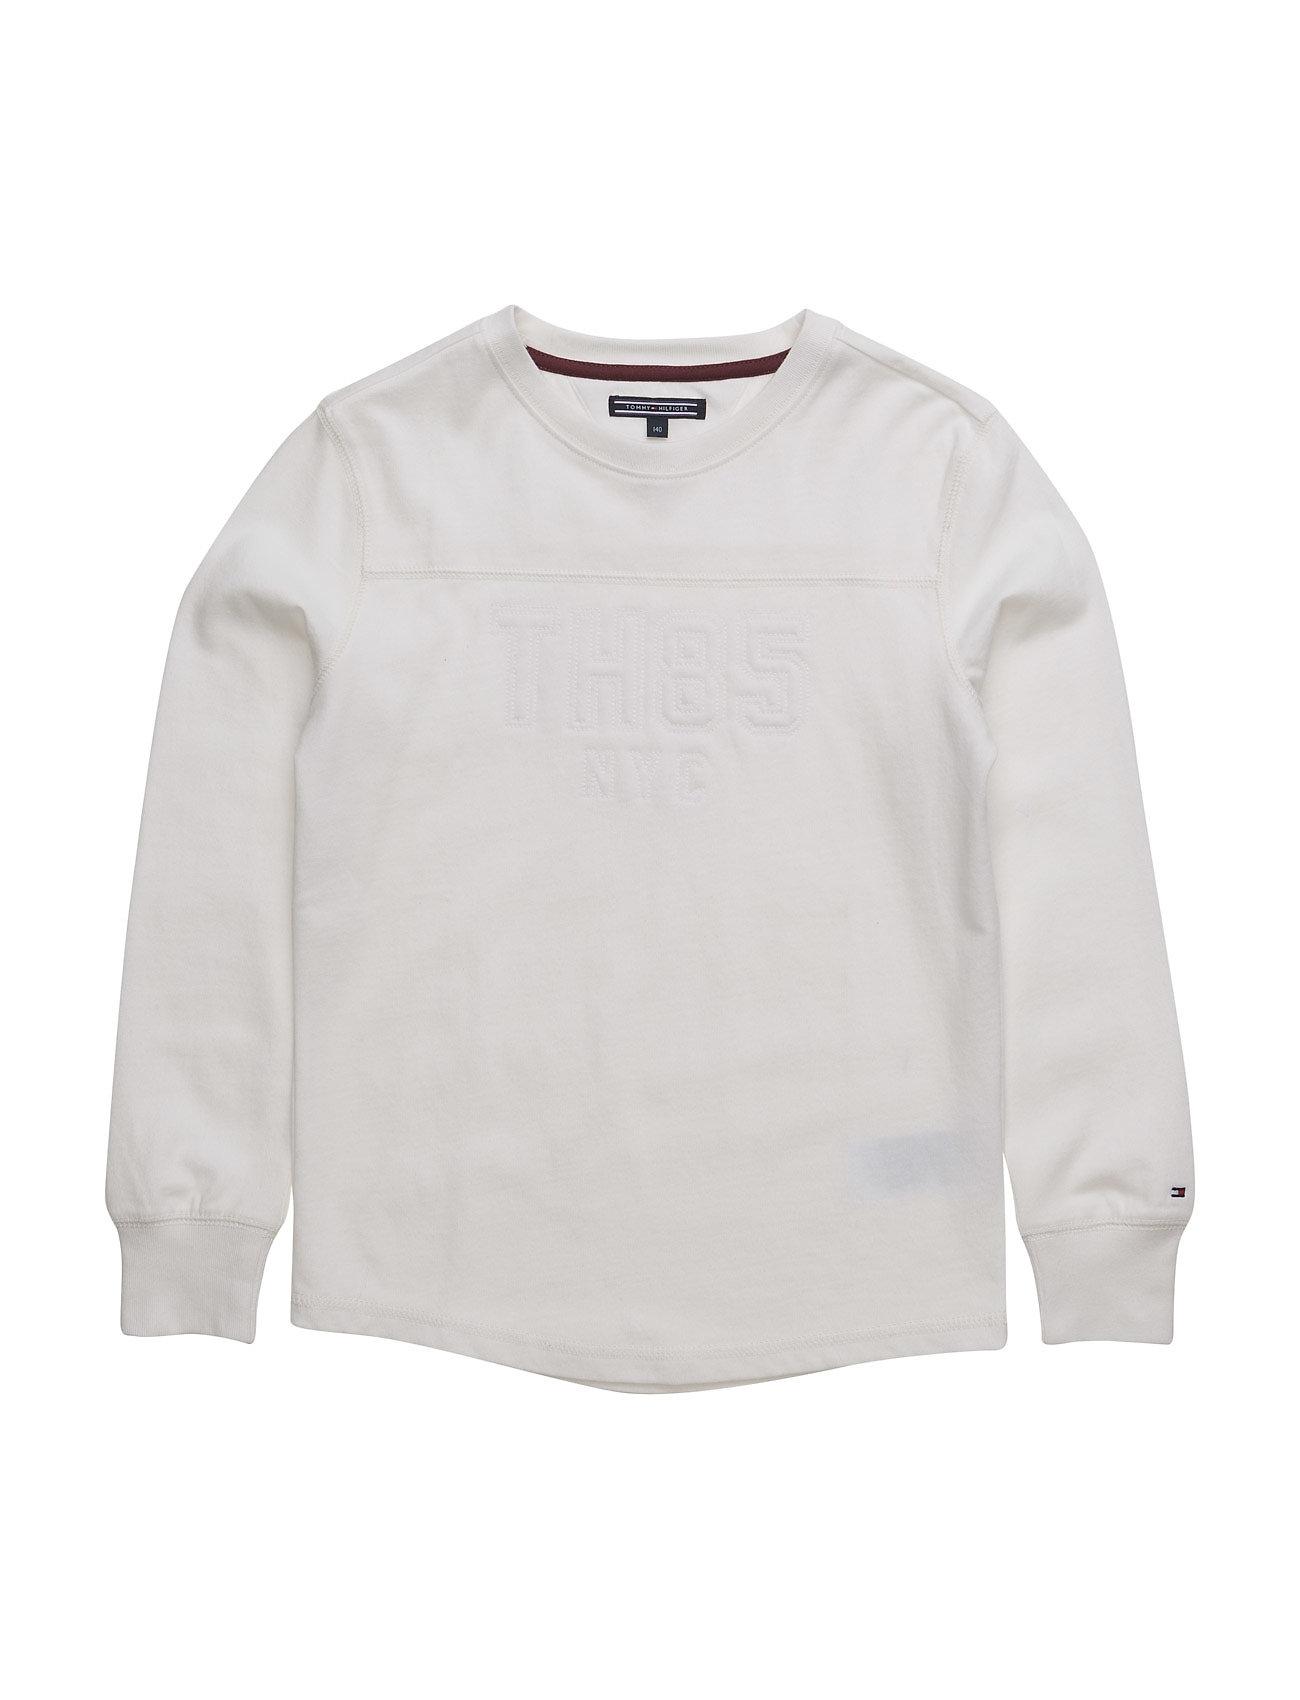 Embro Cn Tee L/S Tommy Hilfiger Langærmede t-shirts til Børn i hvid